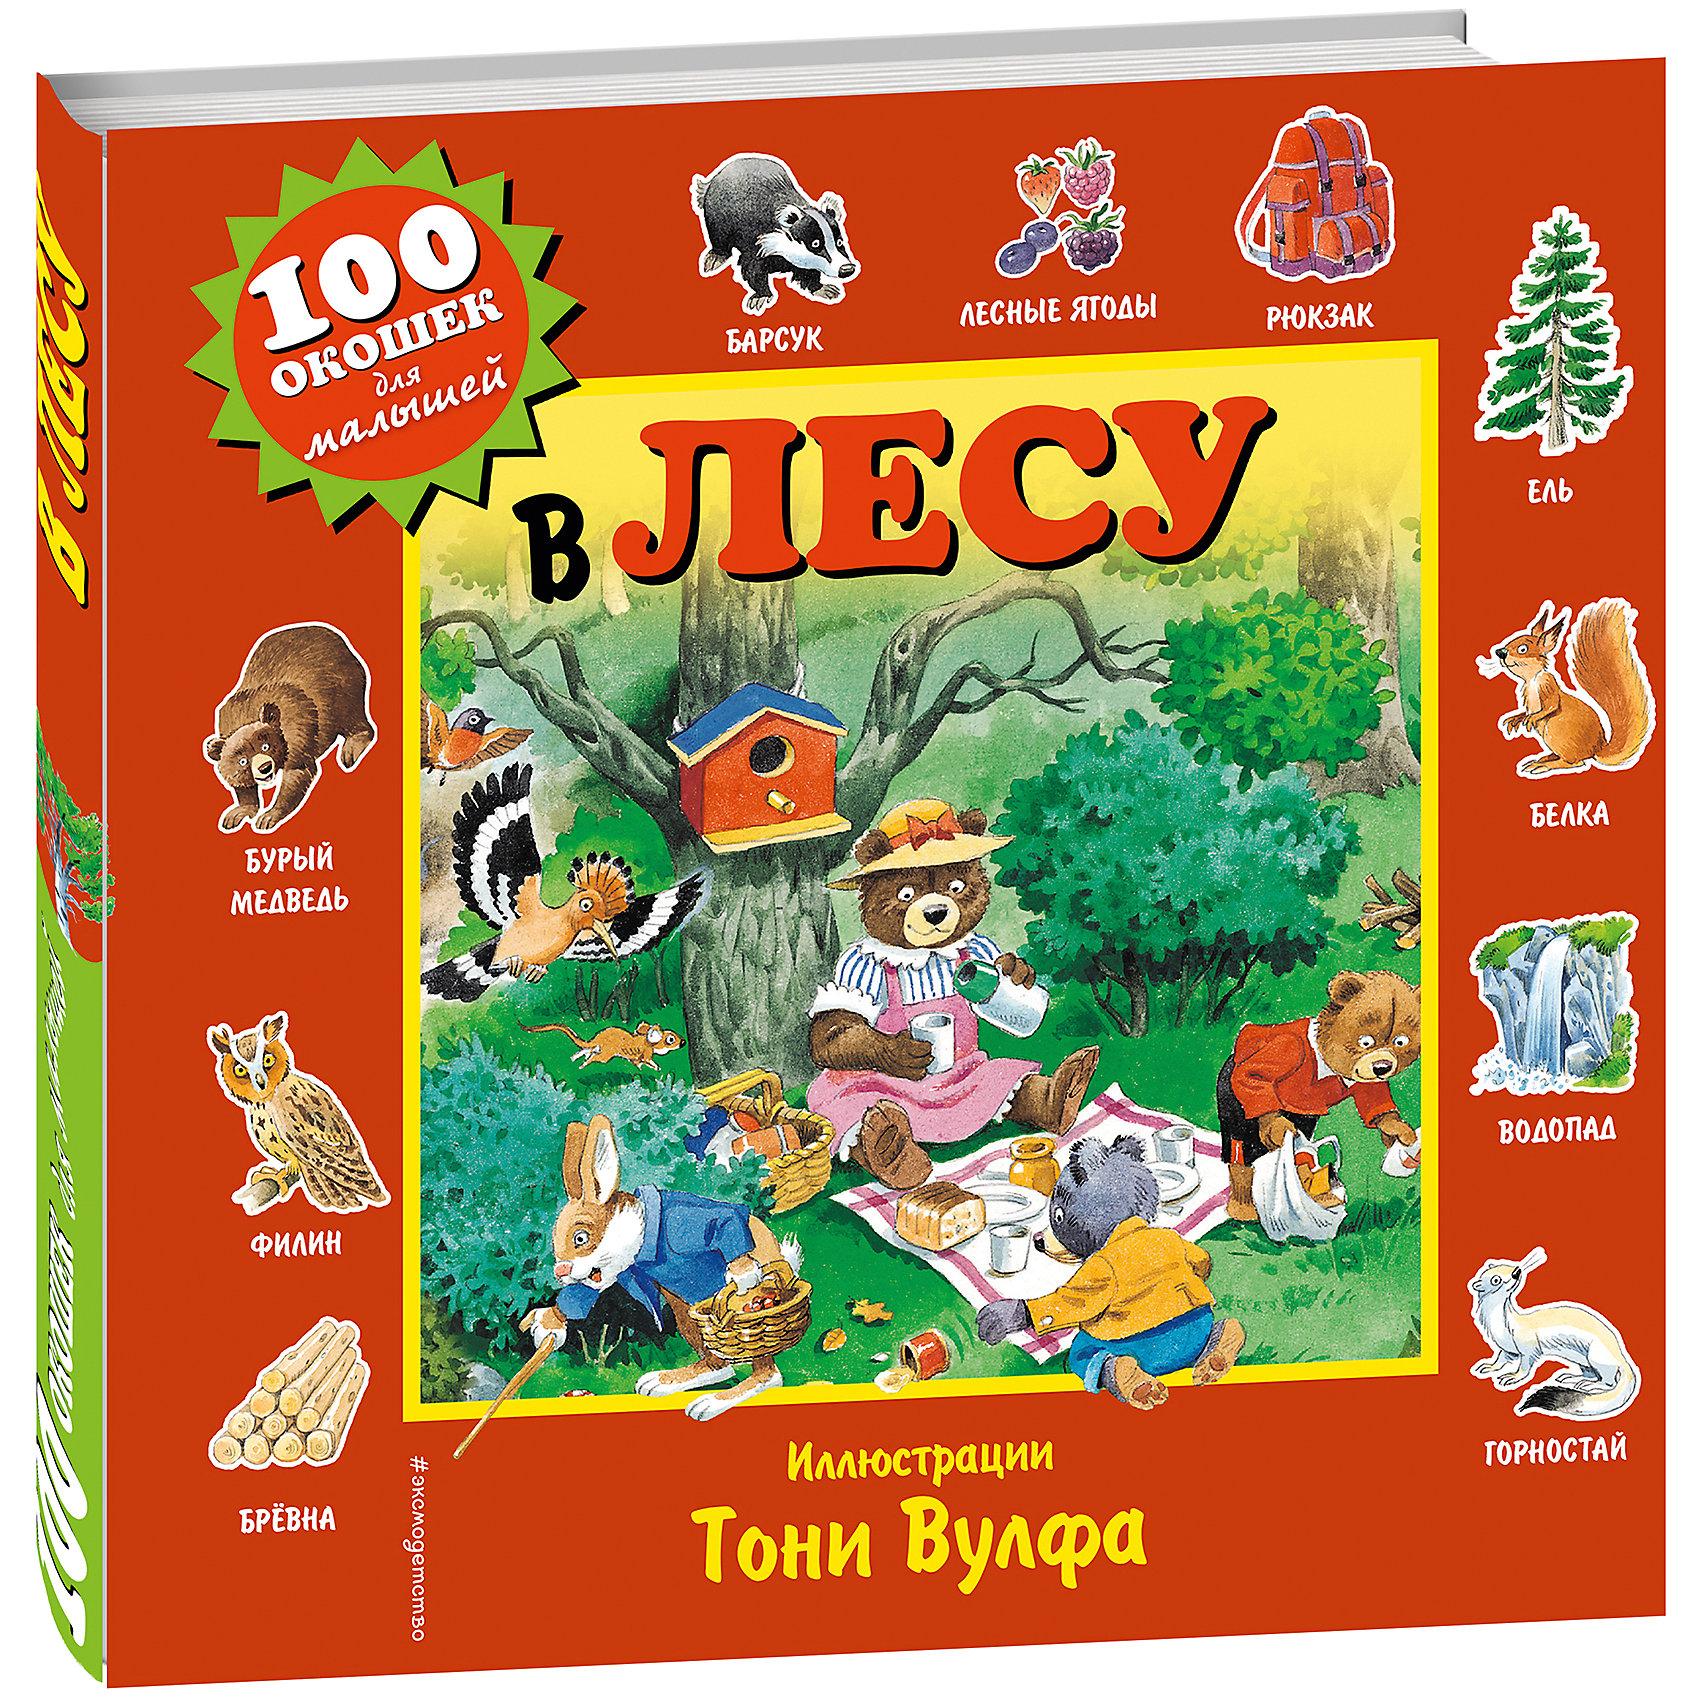 Развивающая книга В лесу, 100 окошек для малышейКниги с окошками<br>Развивающая книга В лесу – эта книга поможет ребенку расширить свои познания об окружающем мире.<br>Эта развивающая книга для детей от 3-х лет нарисована всемирно известным итальянским художником Тони Вулфом, который делает наш мир лучше, ярче, добрее. Путешествуя по страницам книги, малыши познакомятся с тайнами леса и узнают, какие деревья растут в лесу, какие животные там обитают, что происходит в лесу зимой и летом и много-много других интересных фактов. А открывая каждое из 100 окошек, дети получат массу необходимой для их развития информации, которую они непременно запомнят. Отличное полиграфическое исполнение и зарубежная печать делают эту книгу прекрасным подарком. Для чтения взрослыми детям.<br><br>Дополнительная информация:<br><br>- Художник: Вульф Тони<br>- Переводчик: Саломатина Елена Ивановна<br>- Издательство: Эксмо, 2015 г.<br>- Серия: 100 окошек для малышей (илл. Тони Вулфа)<br>- Тип обложки: 7Бц - твердая, целлофанированная (или лакированная)<br>- Оформление: вырубка, пухлая обложка<br>- Иллюстрации: цветные<br>- Количество страниц: 12 (картон)<br>- Размер: 255x255x15 мм.<br>- Вес: 542 гр.<br><br>Развивающую книгу В лесу можно купить в нашем интернет-магазине.<br><br>Ширина мм: 255<br>Глубина мм: 255<br>Высота мм: 15<br>Вес г: 538<br>Возраст от месяцев: 36<br>Возраст до месяцев: 72<br>Пол: Унисекс<br>Возраст: Детский<br>SKU: 4431871